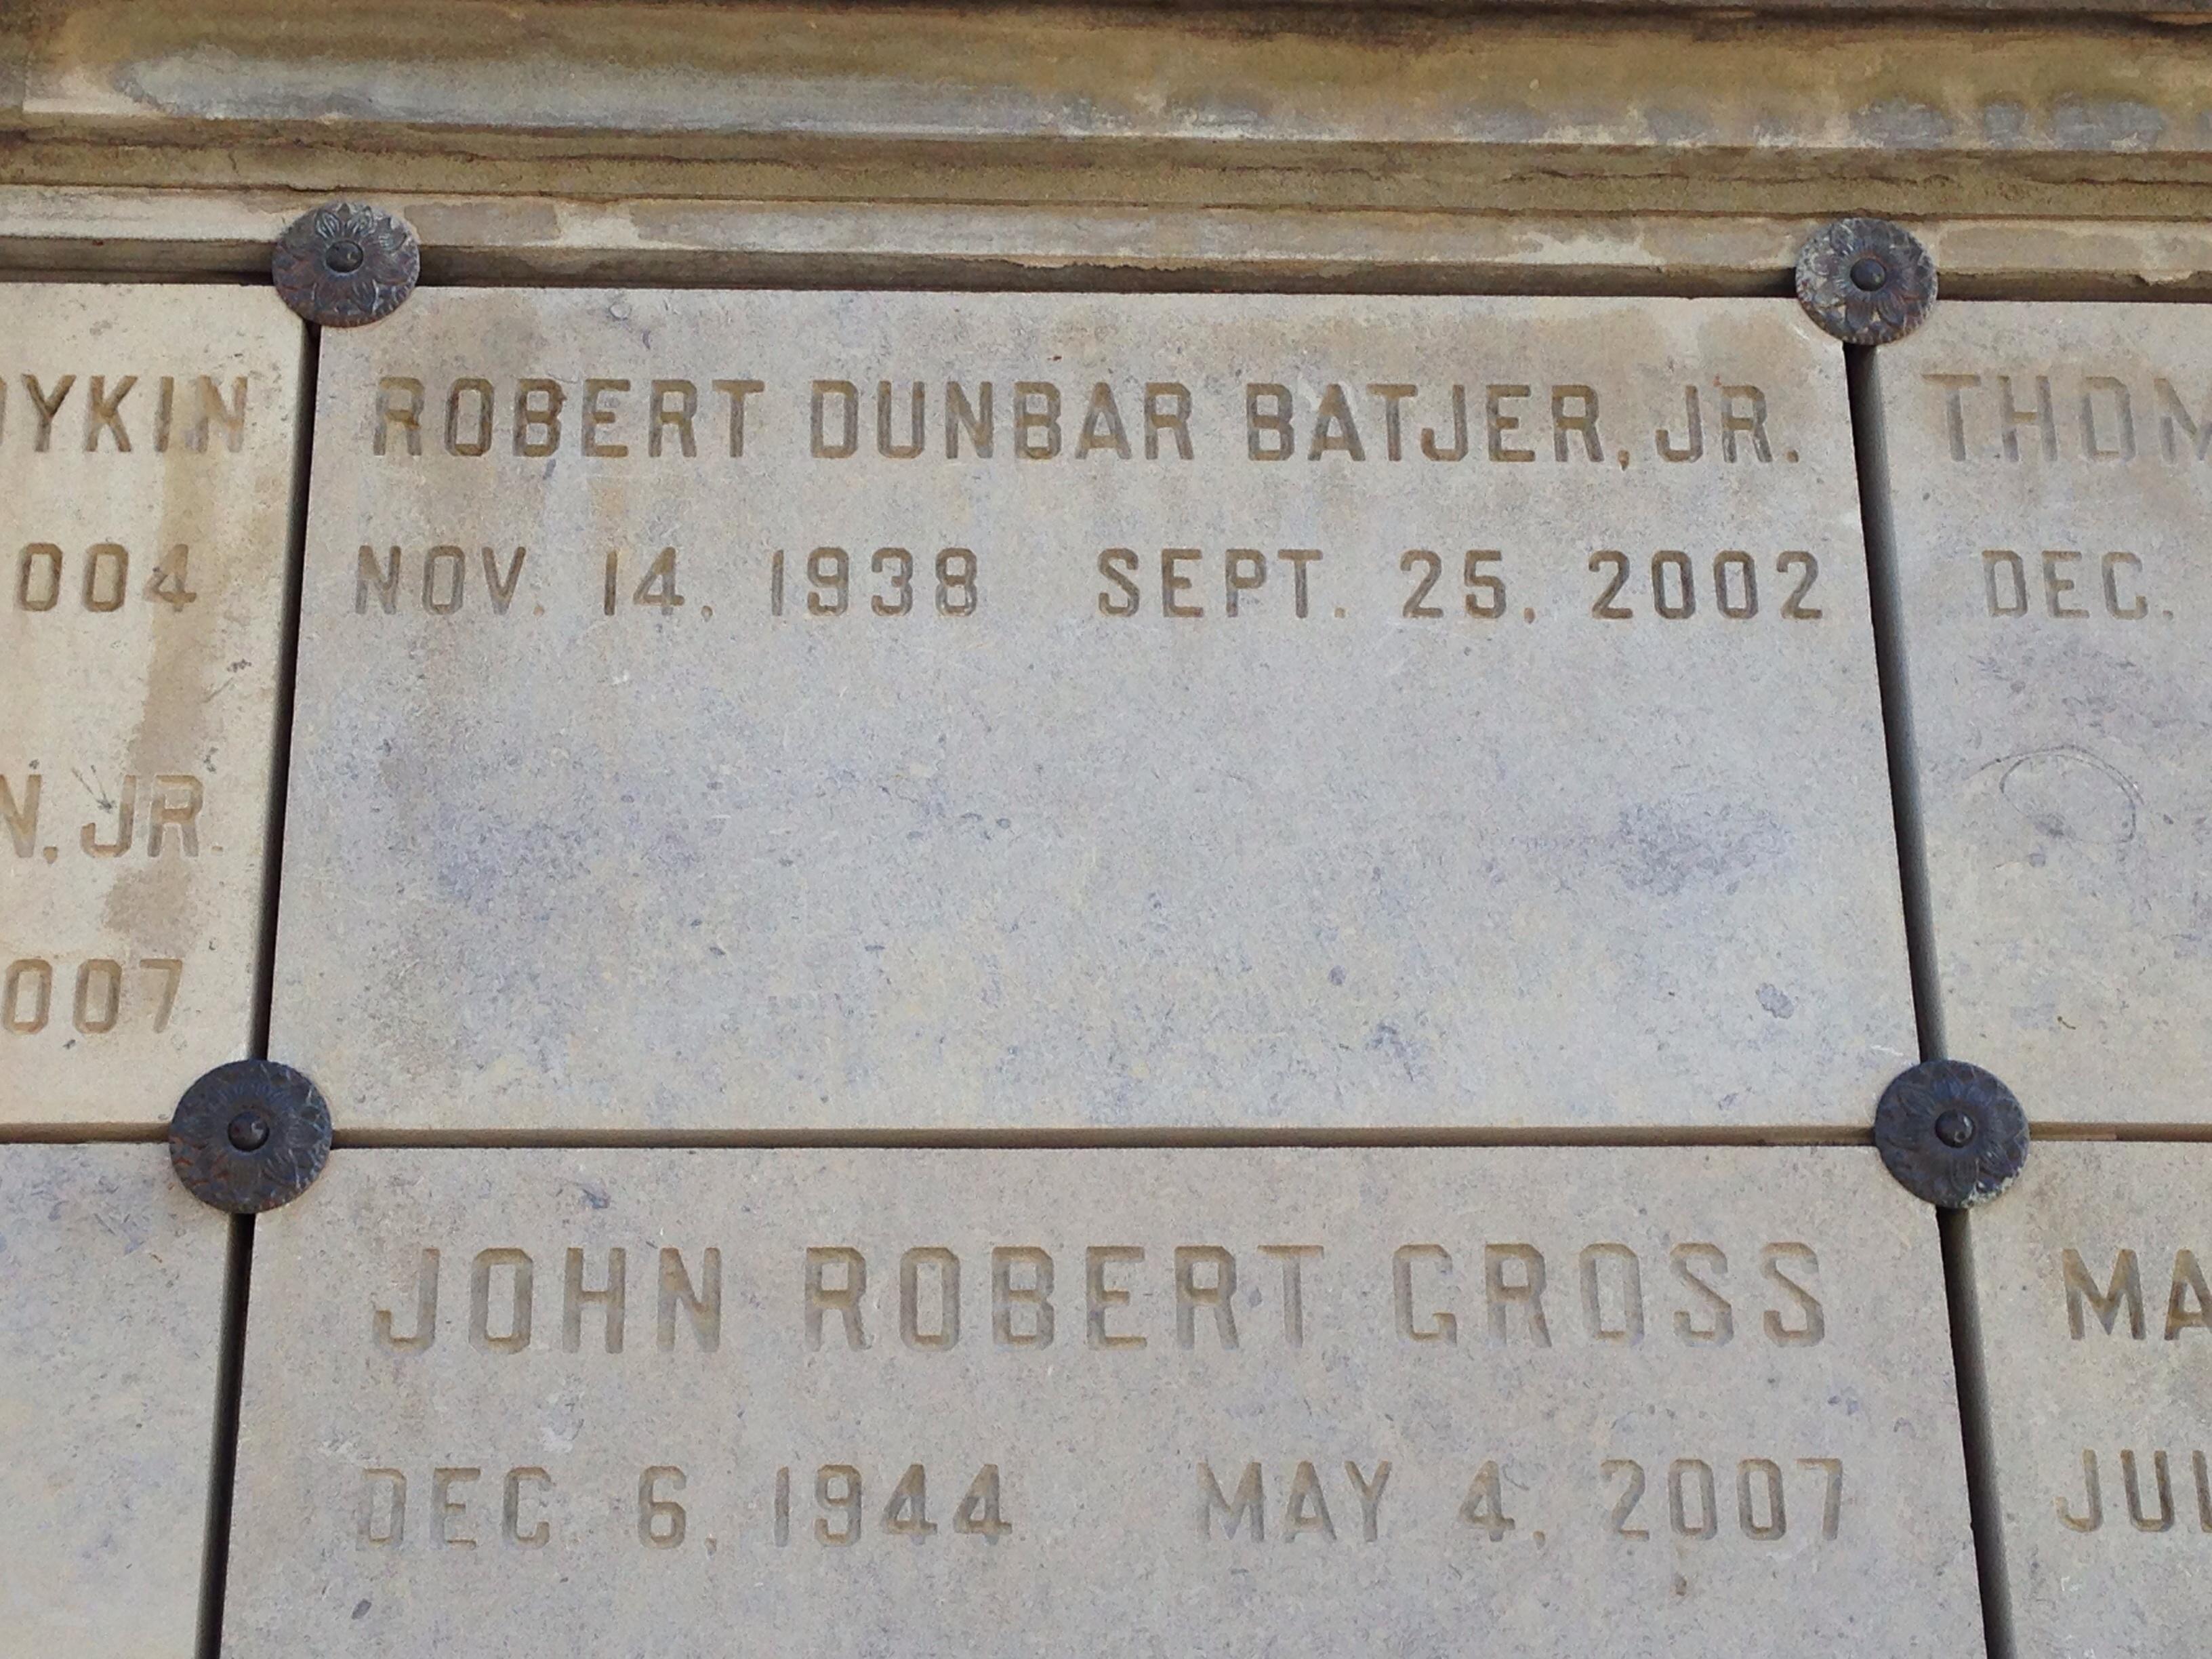 Robert Dunbar Batjer, Jr